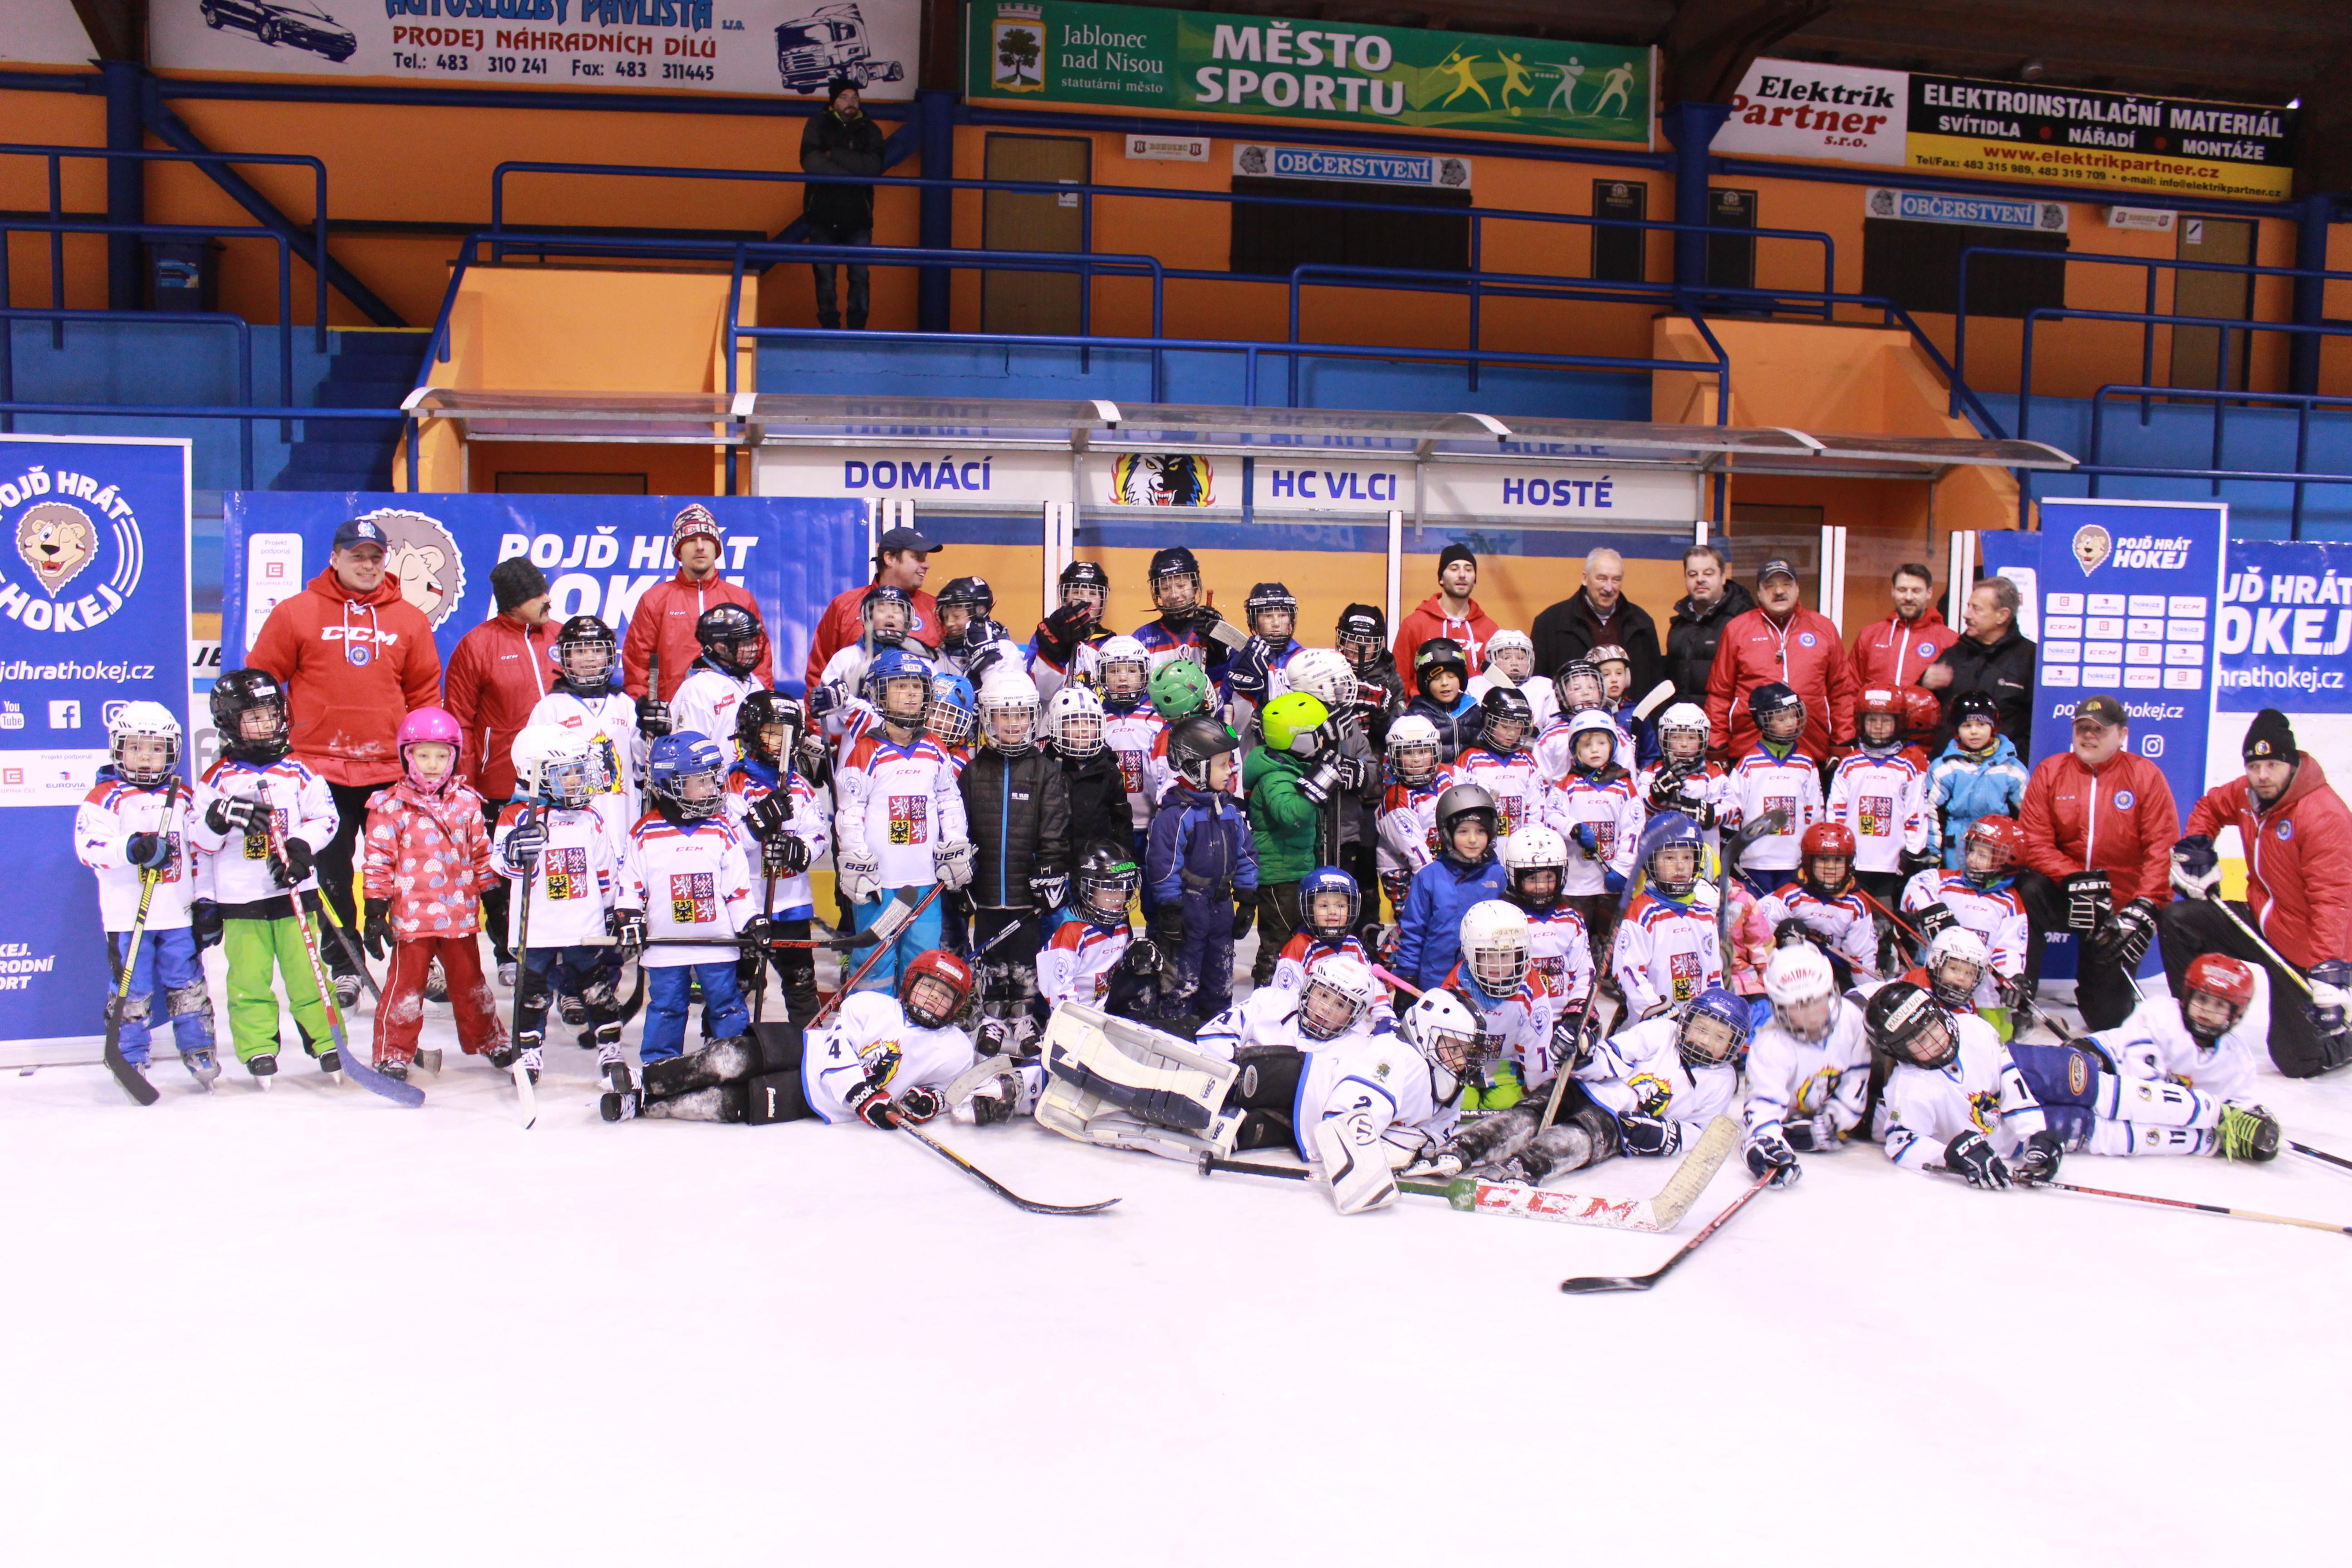 ada9df01e Náborový program Českého svazu ledního hokeje pod názvem Týden hokeje,  přilákal v sobotu dopoledne na jablonecký zimní stadion desítky dětí a  jejich rodičů.